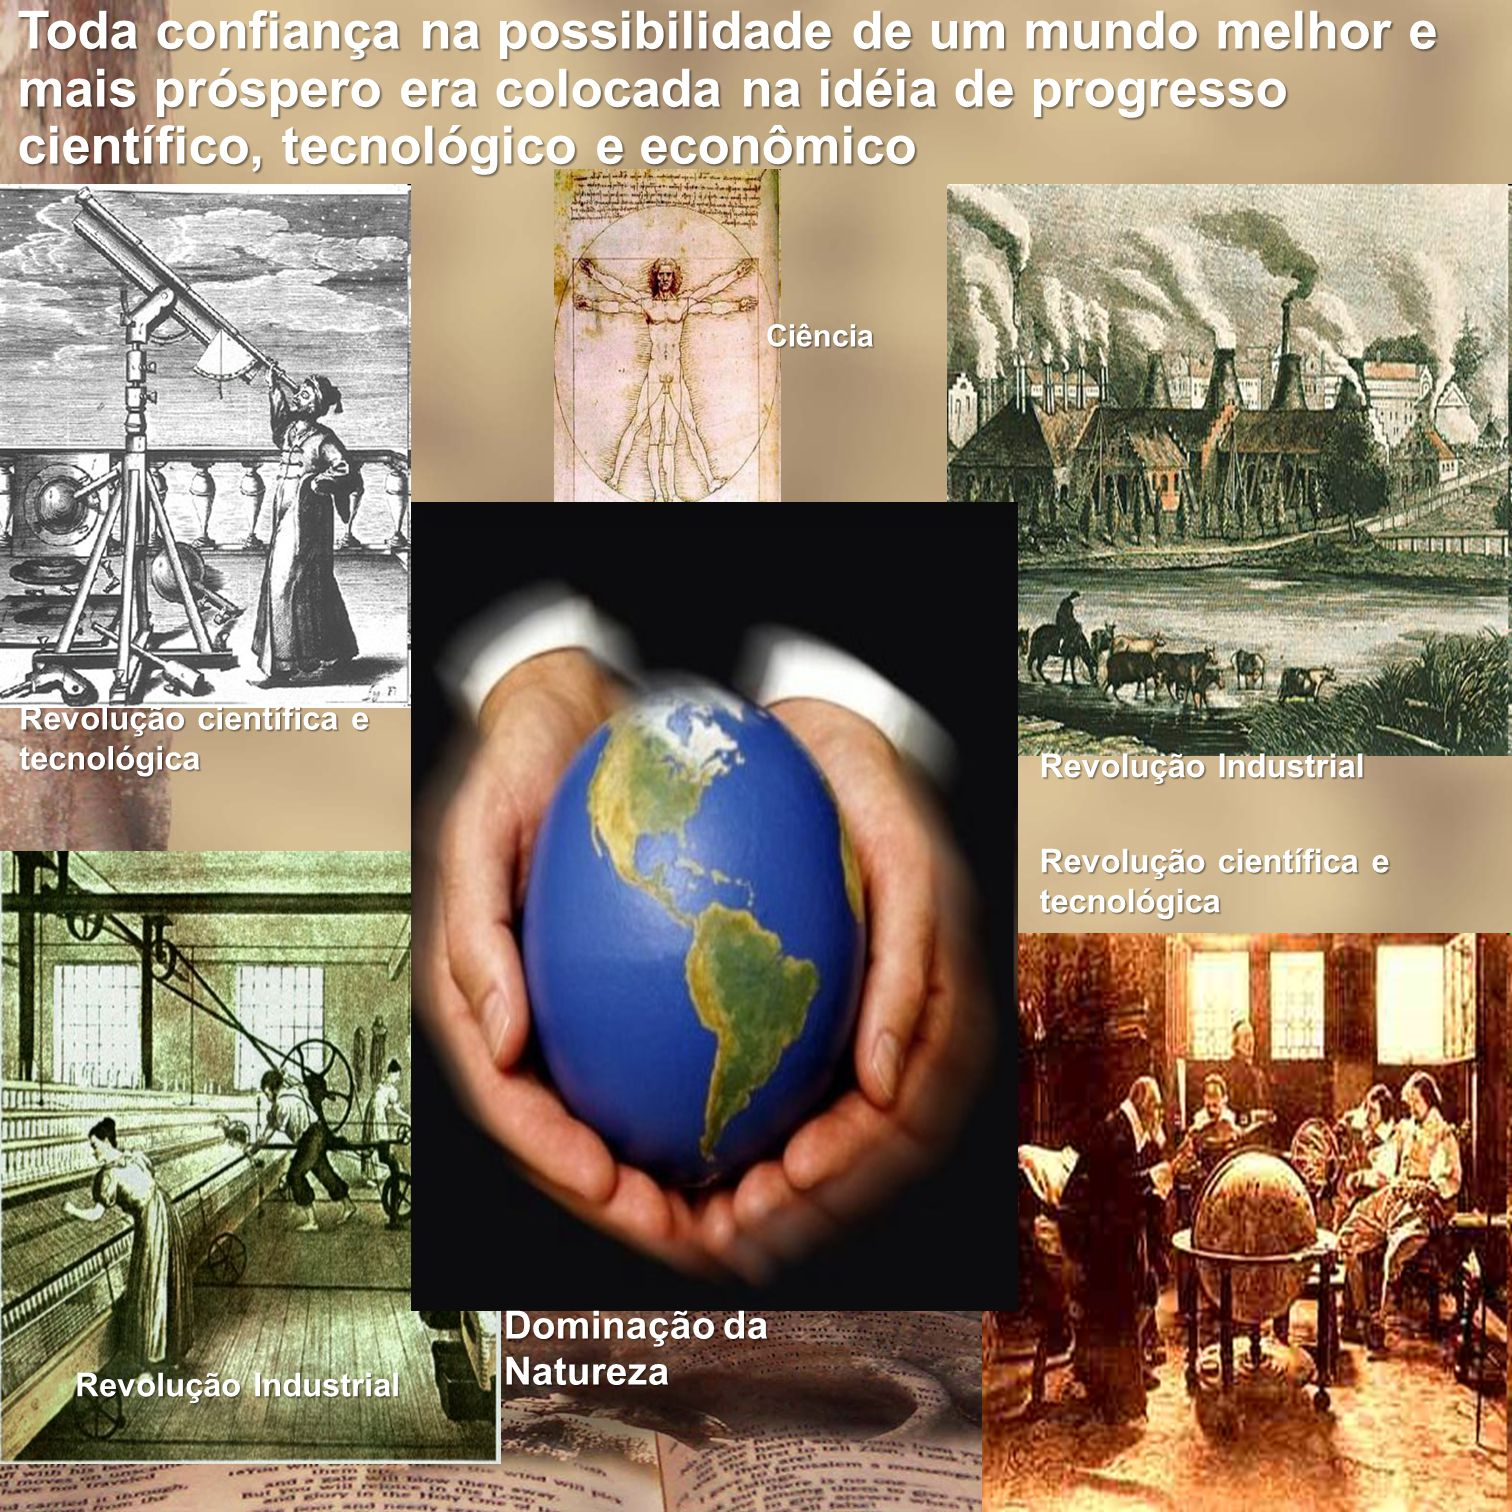 Toda confiança na possibilidade de um mundo melhor e mais próspero era colocada na idéia de progresso científico, tecnológico e econômico Revolução ci